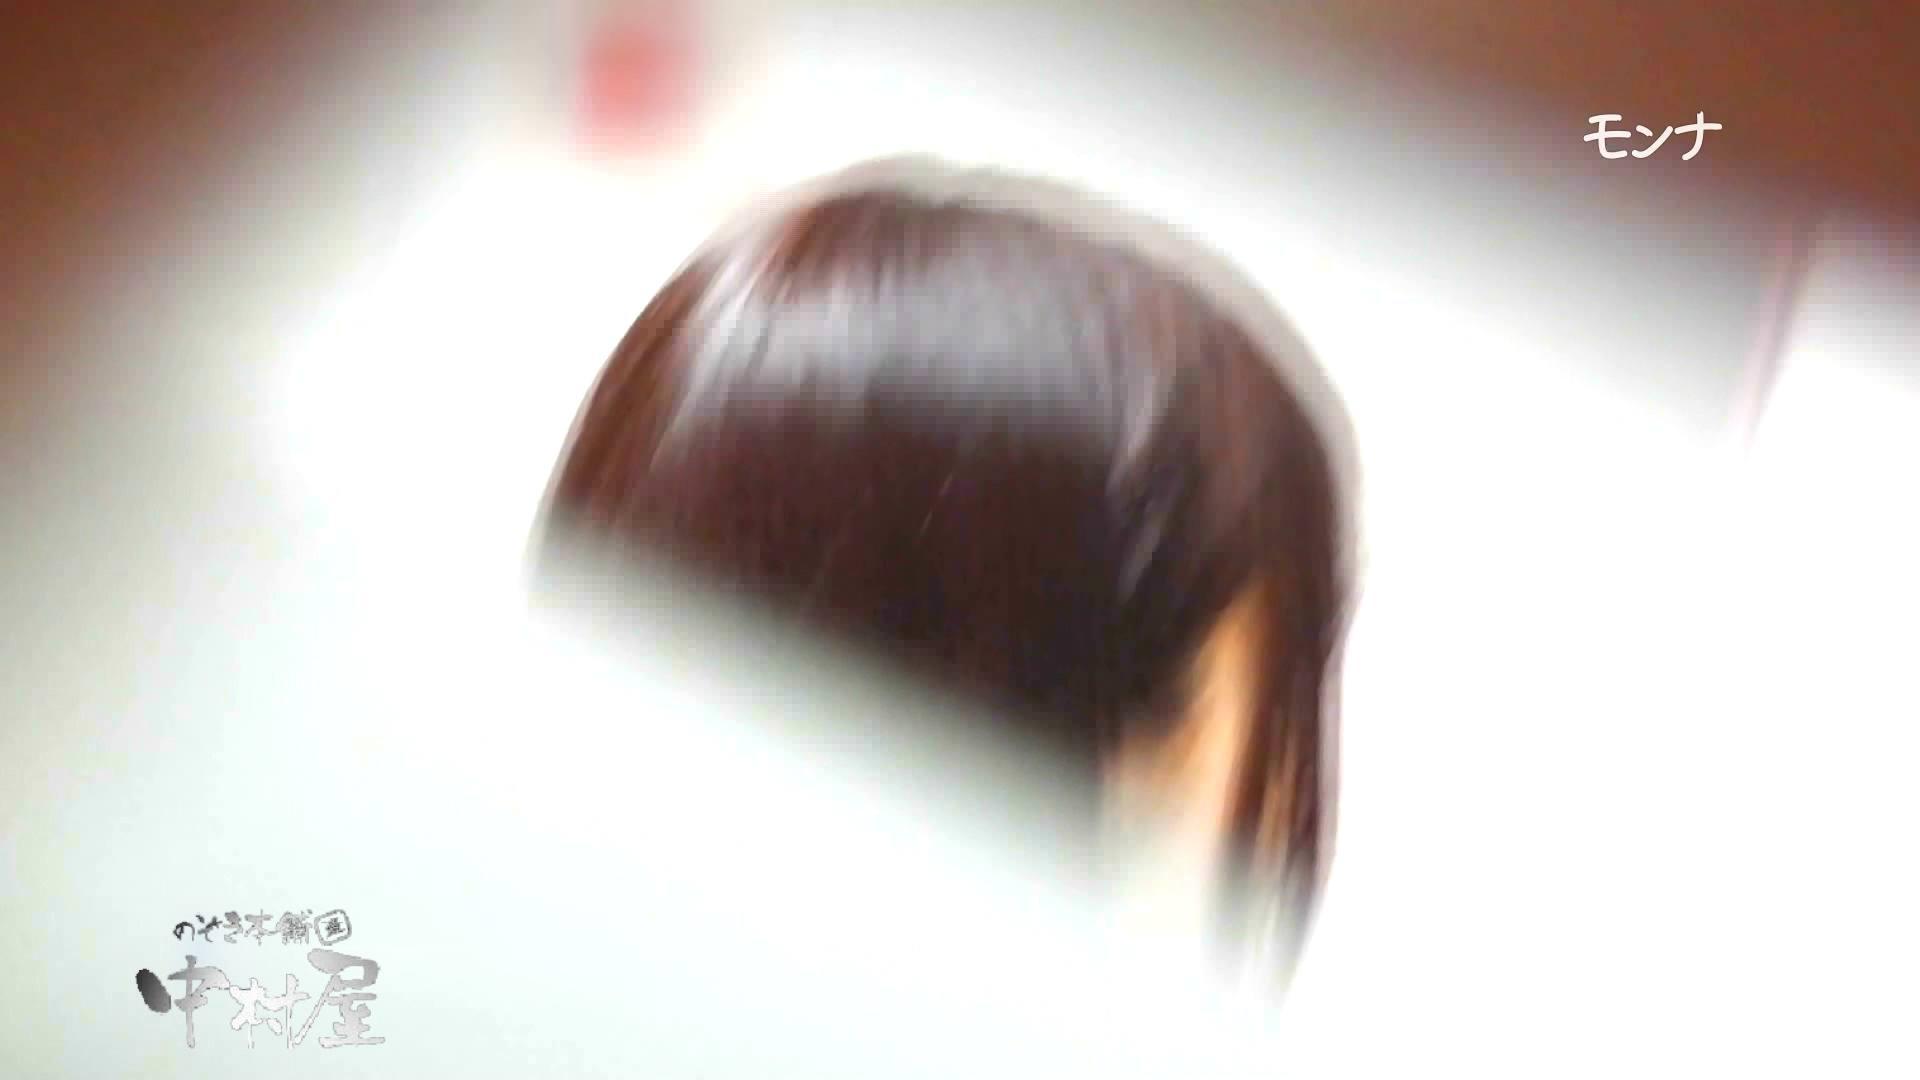 【美しい日本の未来】遂に!!戸田恵梨香似の予告モデル登場ダッシュで「大」後編 おまんこ見放題  101PIX 62